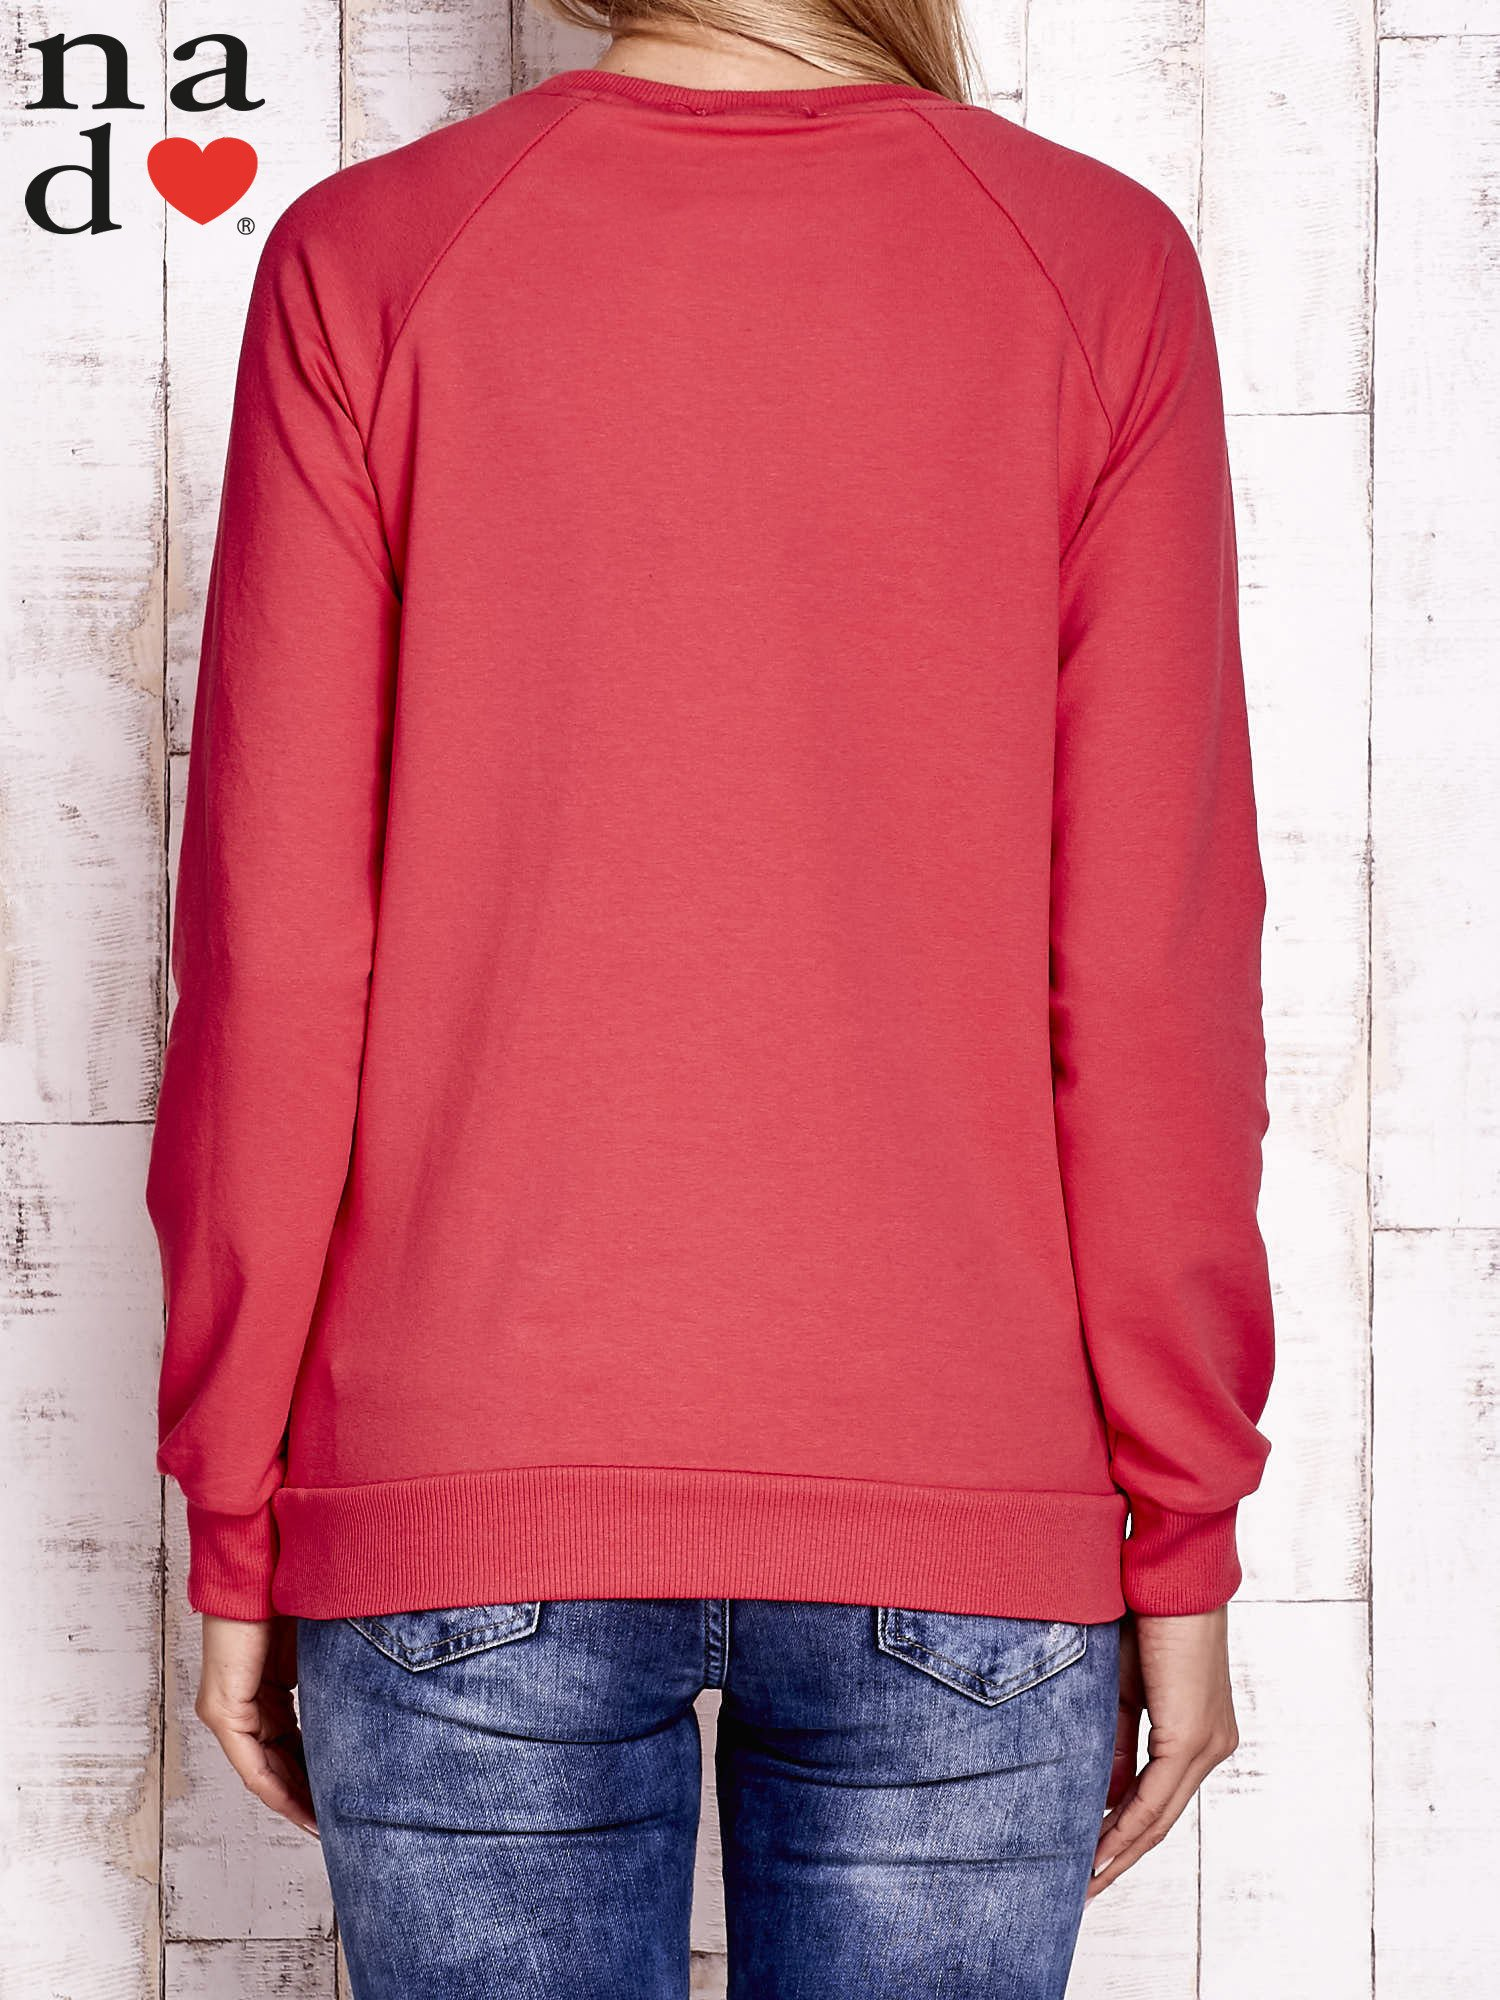 Czerwona bluza z dwustronną naszywką z cekinów                                  zdj.                                  2